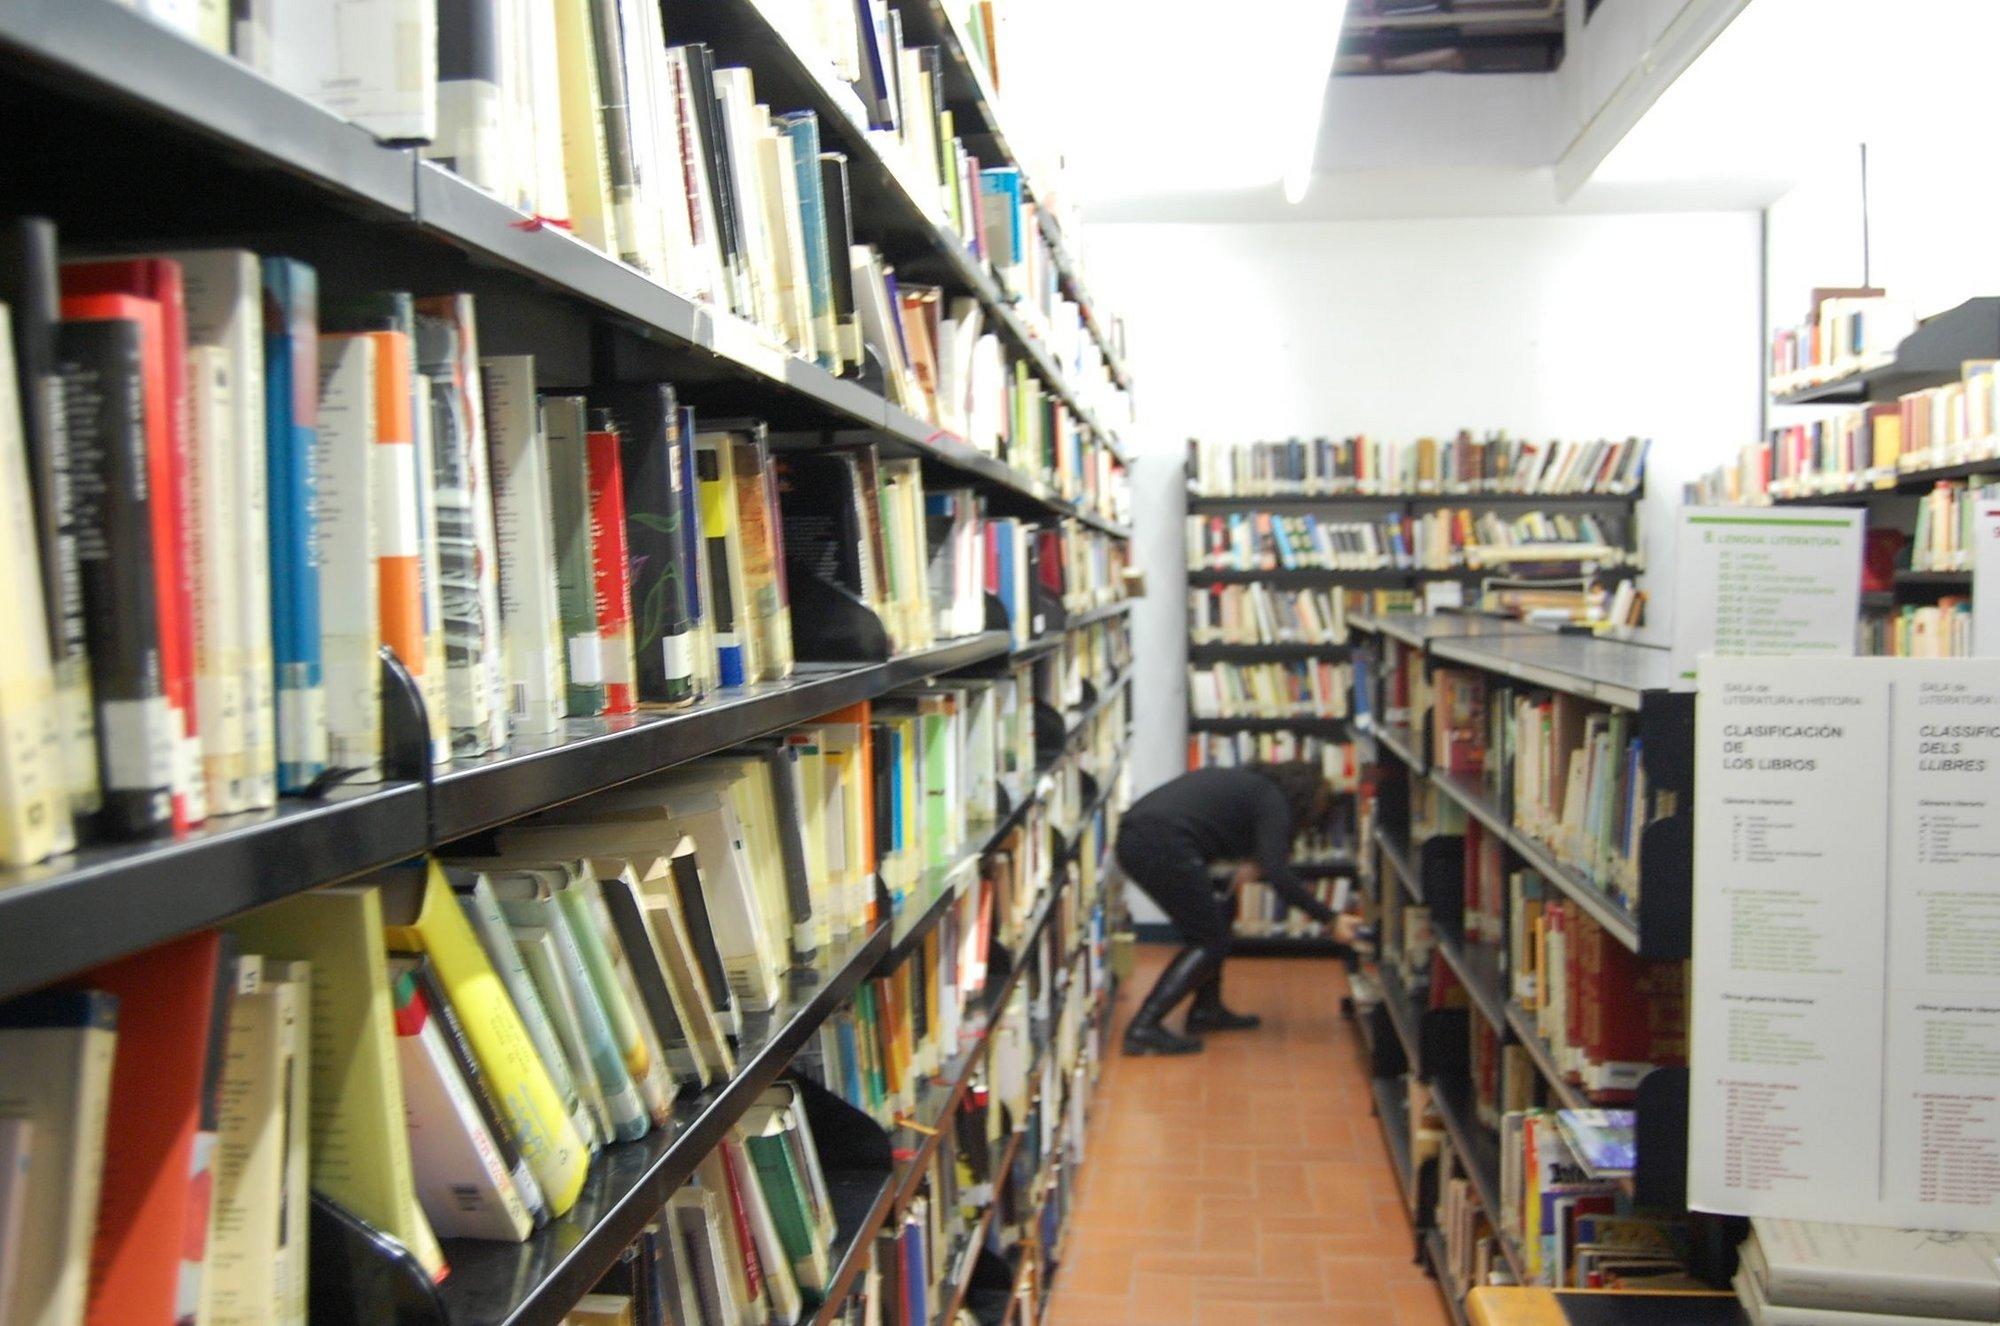 Las bibliotecas municipales de Fraga prestaron cerca de 19.000 documentos durante 2011